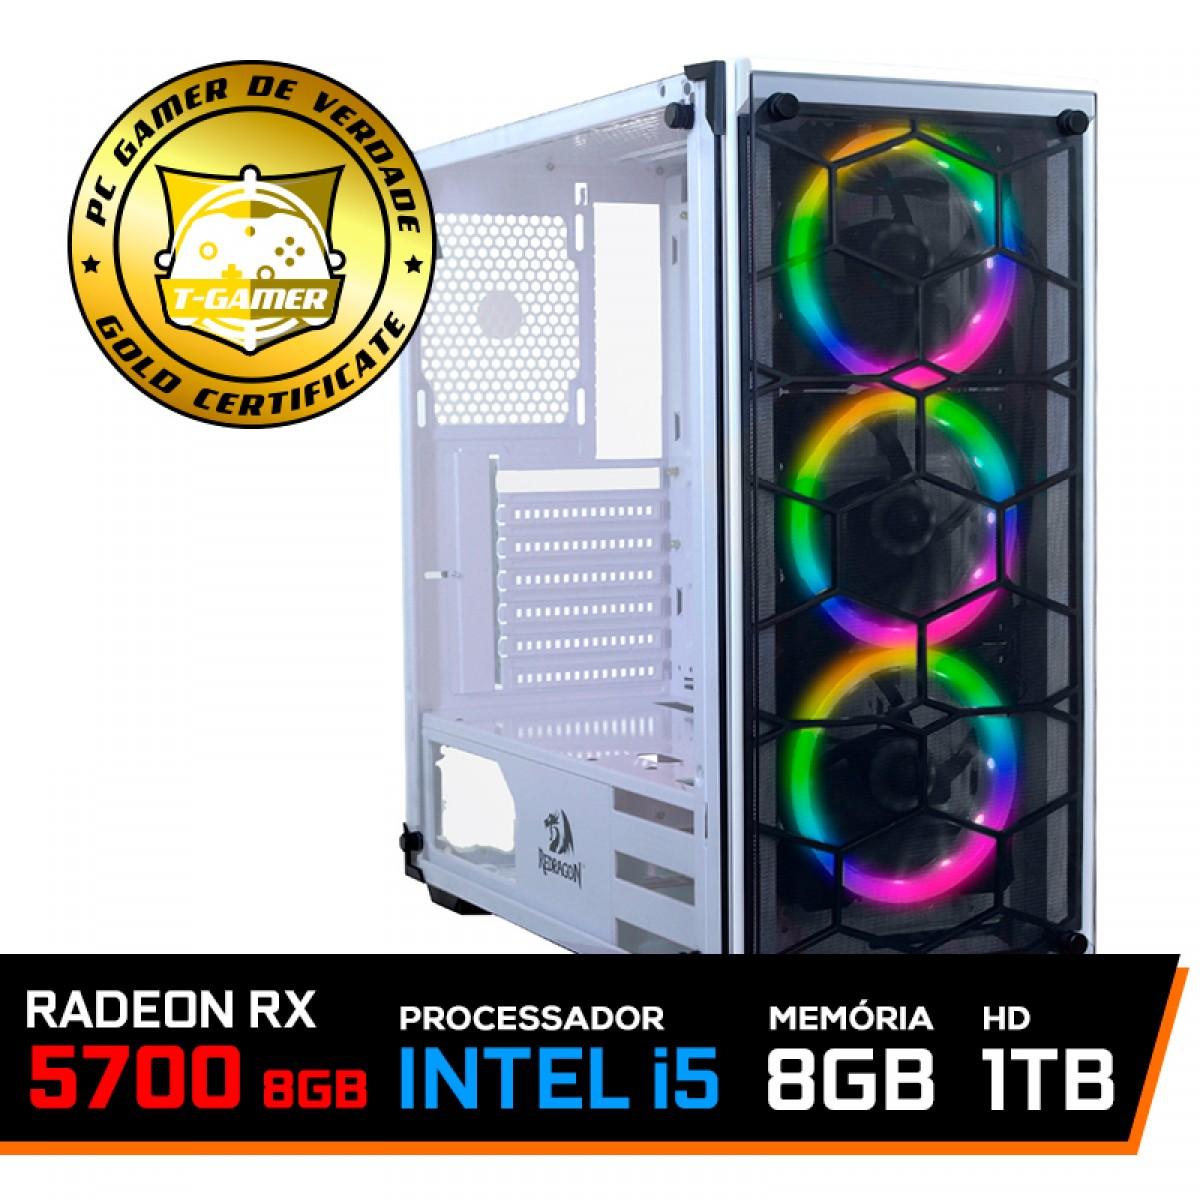 Pc Gamer T-Blade LVL-6 Intel Core i5 10400F / Radeon RX 5700 8GB / DDR4 8GB / HD 1TB / 600W